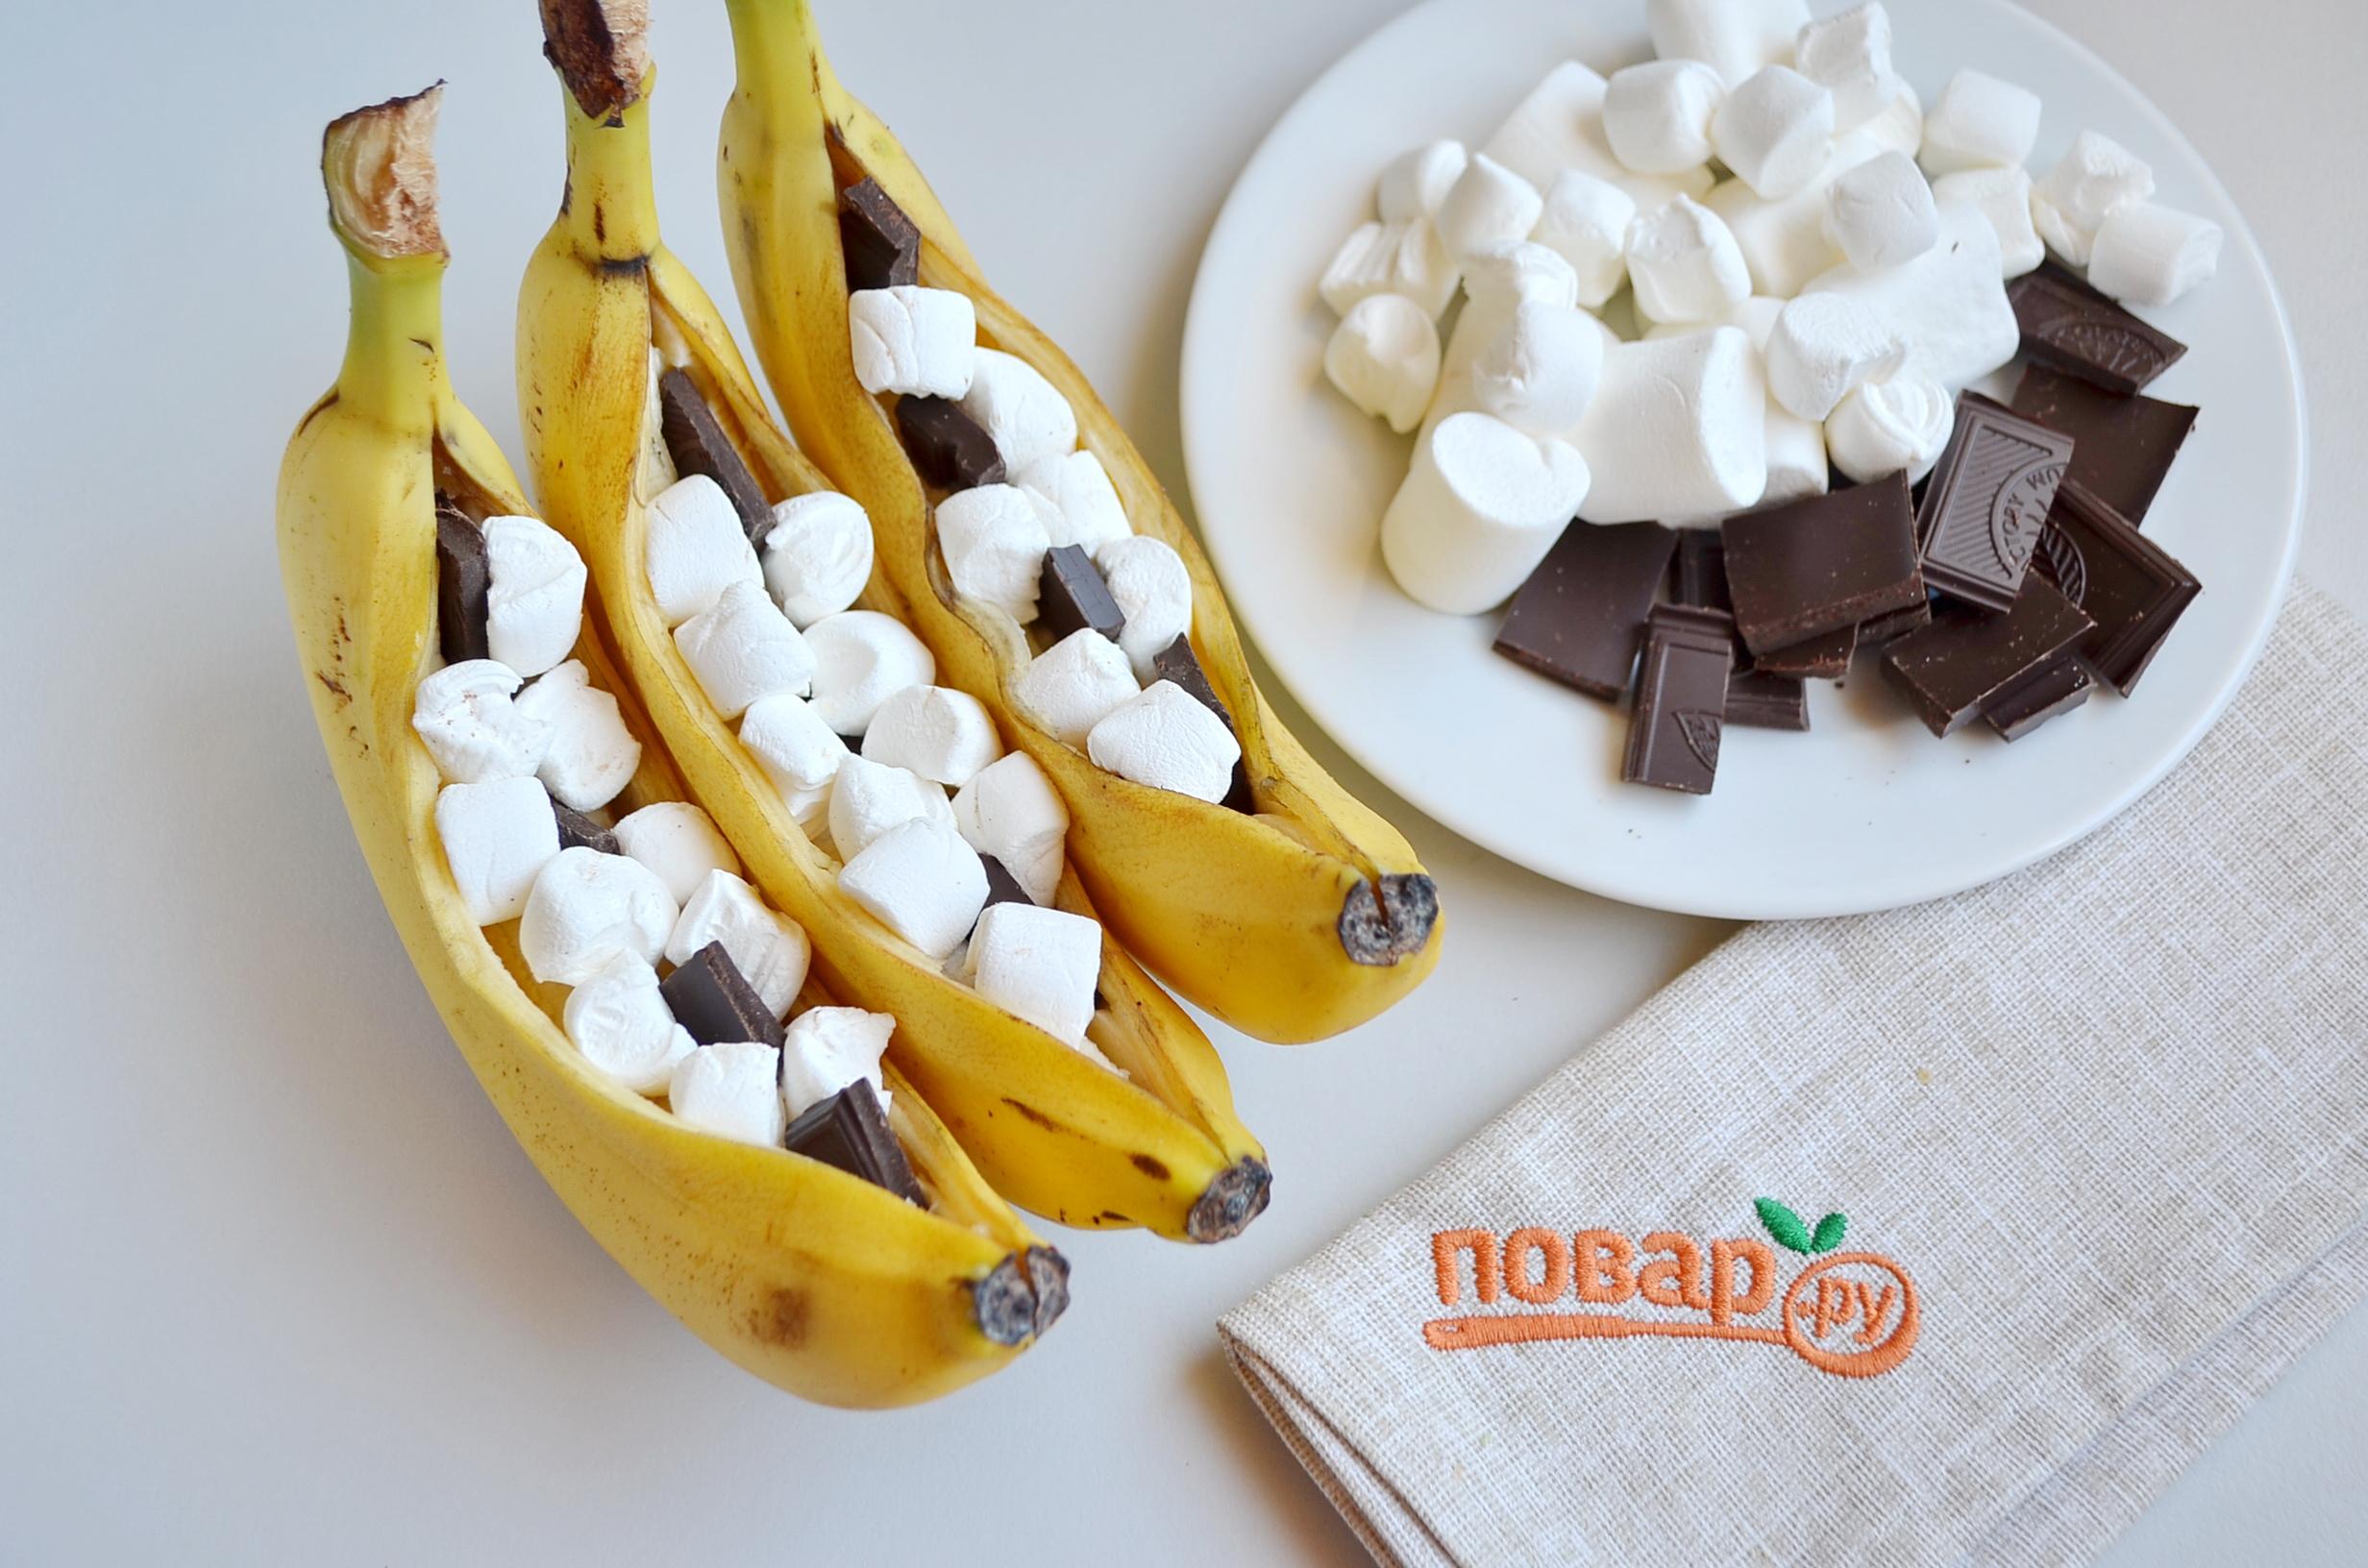 Запеченные бананы, шаг 2: разрежьте банан и наполните шоколадом и маршмэллоу